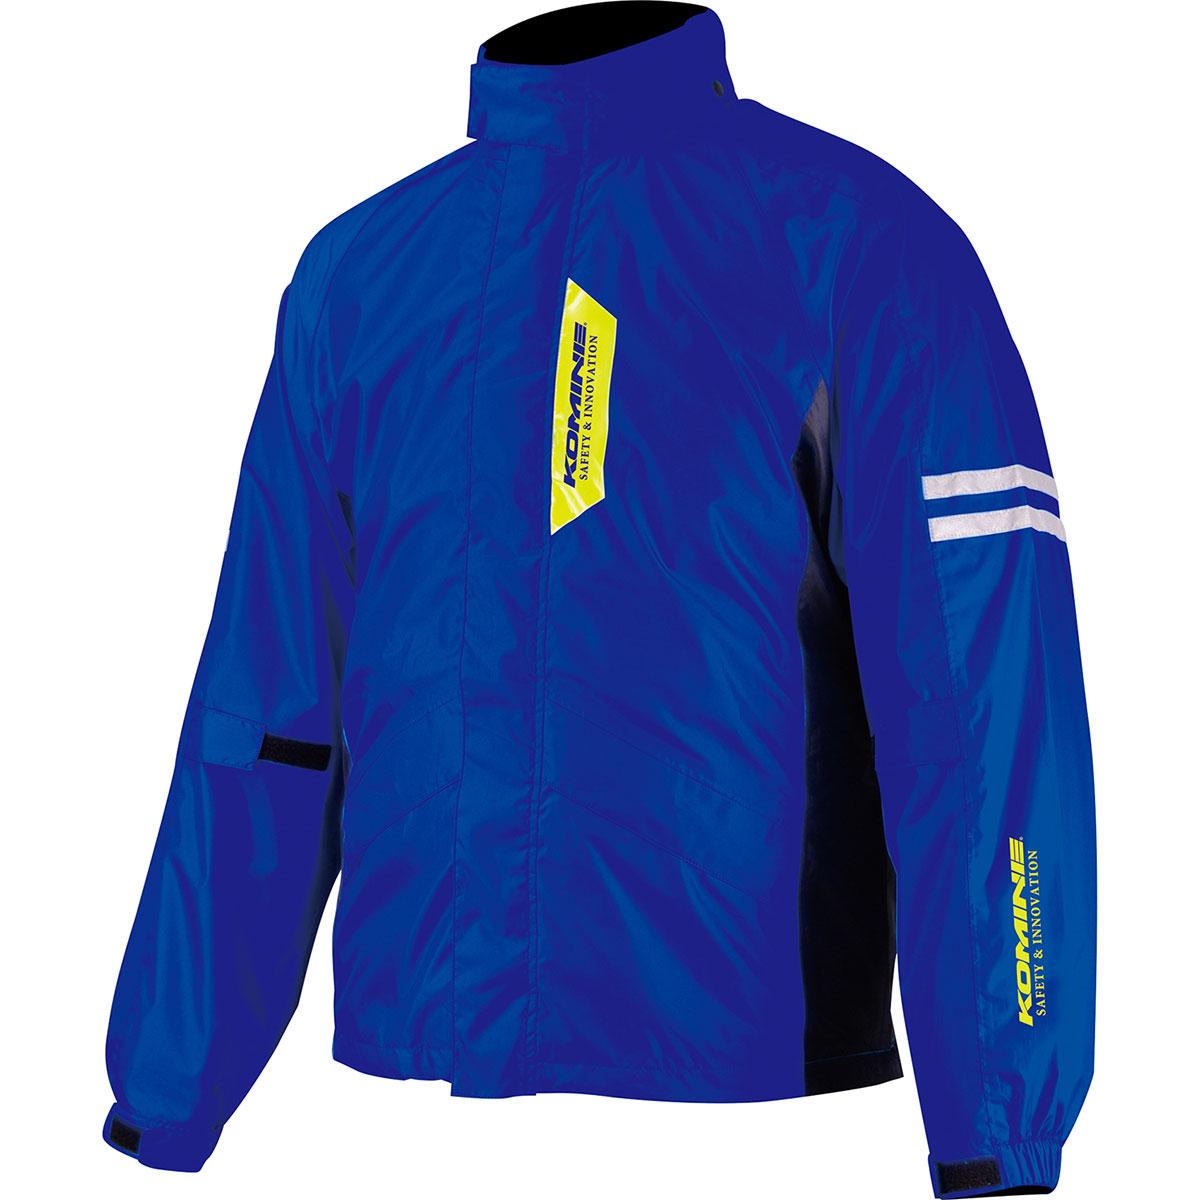 コミネ Komine バイク用 レインギア 賜物 安い 激安 プチプラ 高品質 Rain gear RK-539 ブレスターレインウェア L Lサイズ 青 D.BL 03-539 ブルー フィアート ディープ